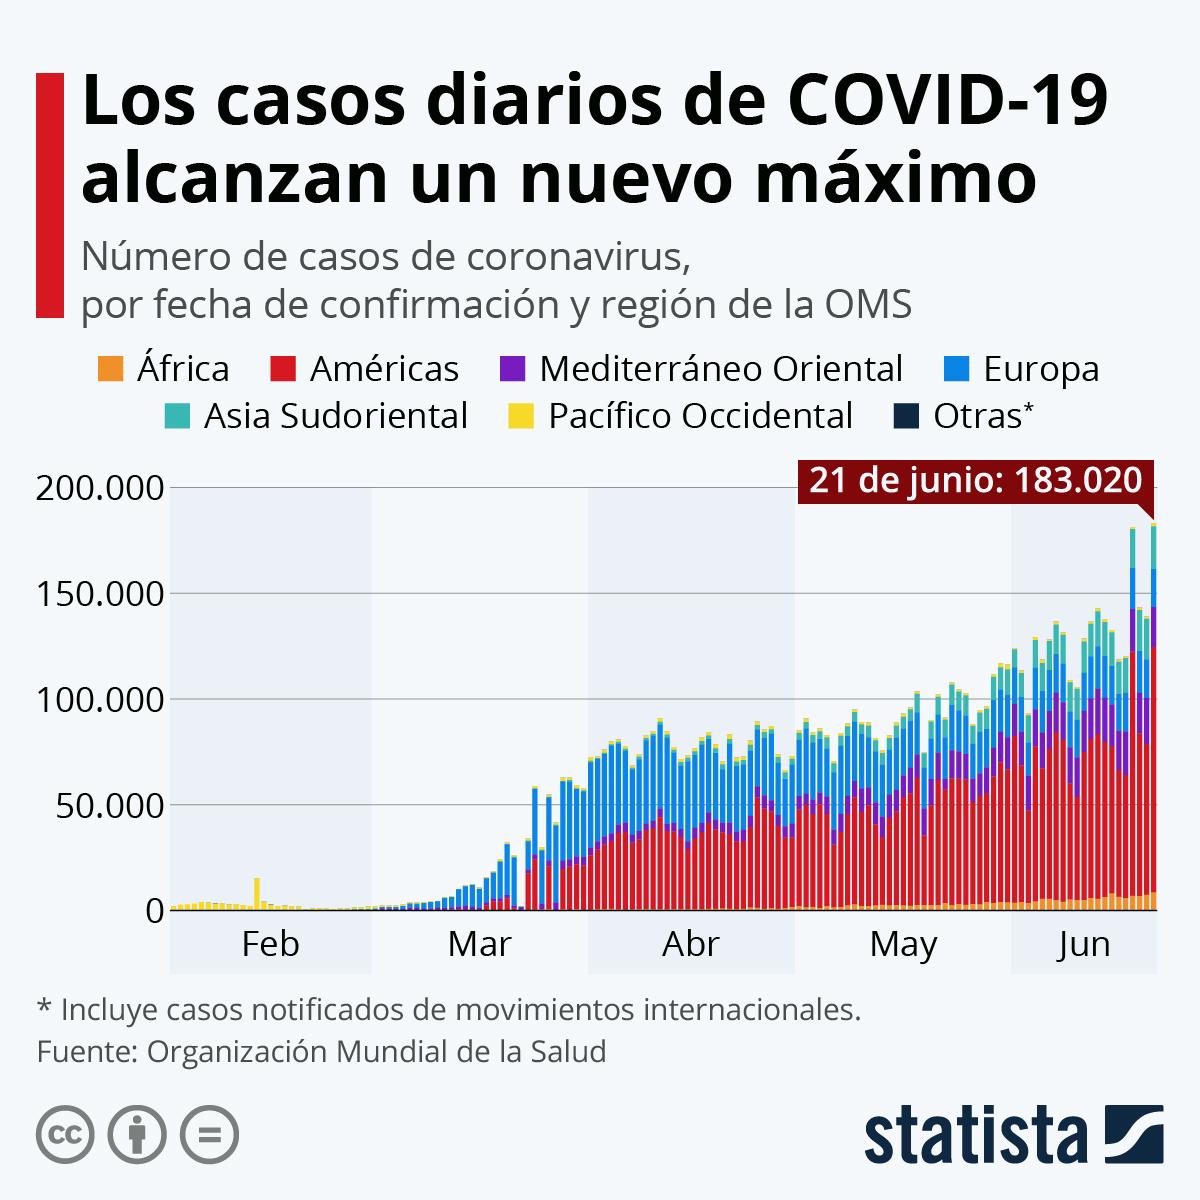 Infografía: El número de casos de coronavirus alcanza un nuevo máximo mundial | Statista